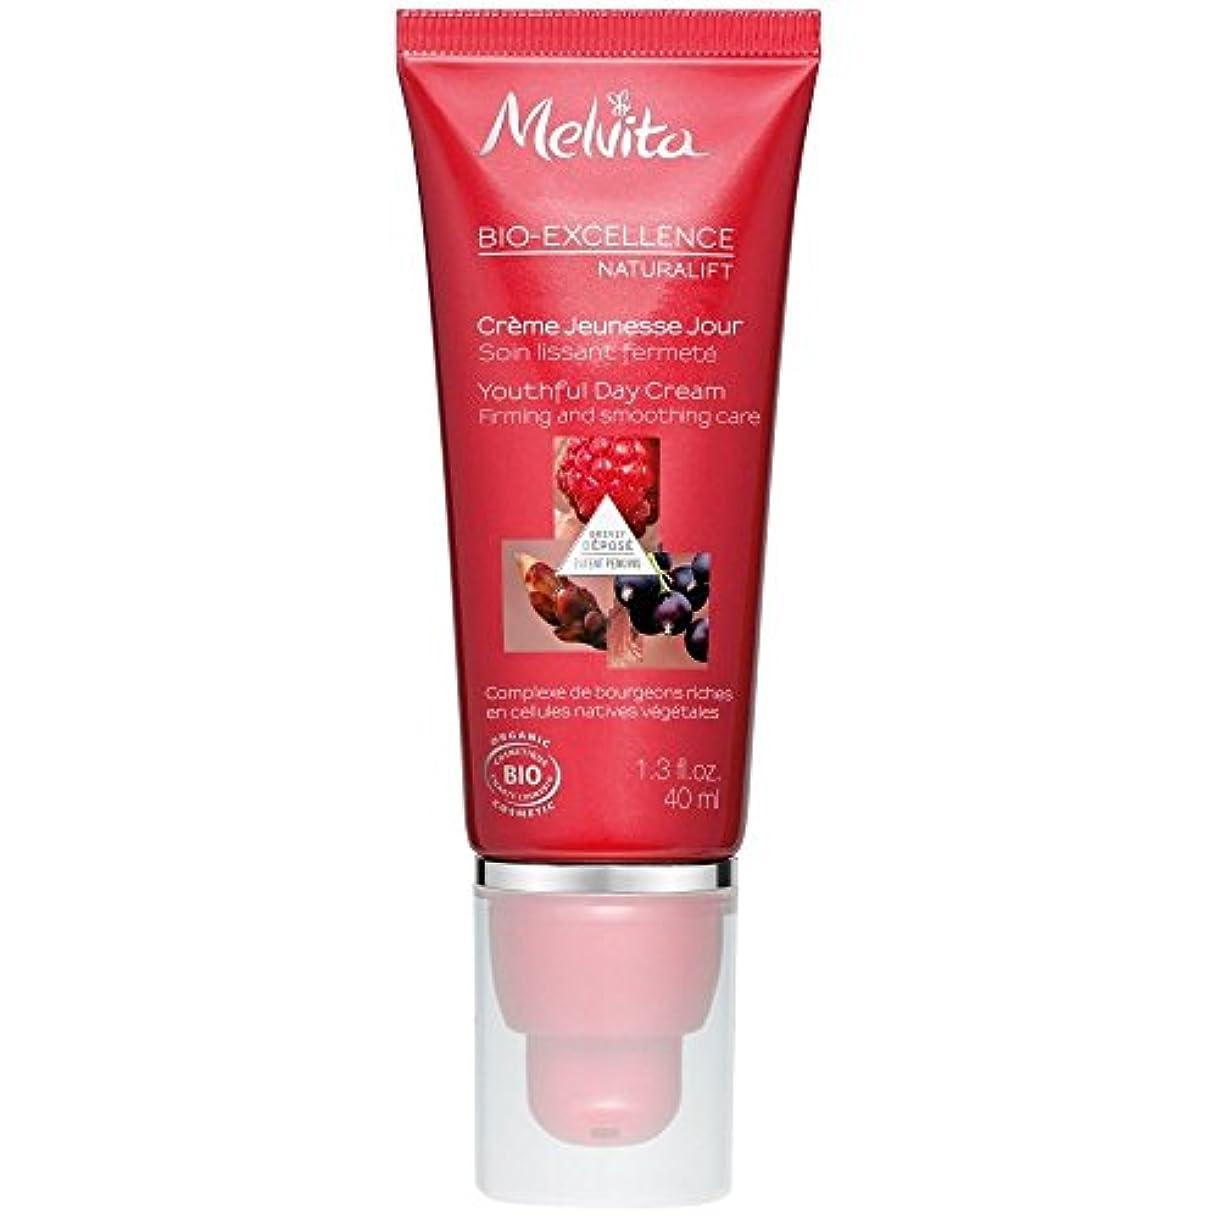 所有権聴覚障害者笑[Melvita] メルヴィータバイオ優秀若々しいデイクリーム、40ミリリットル - Melvita Bio-Excellence Youthful Day Cream, 40ml [並行輸入品]